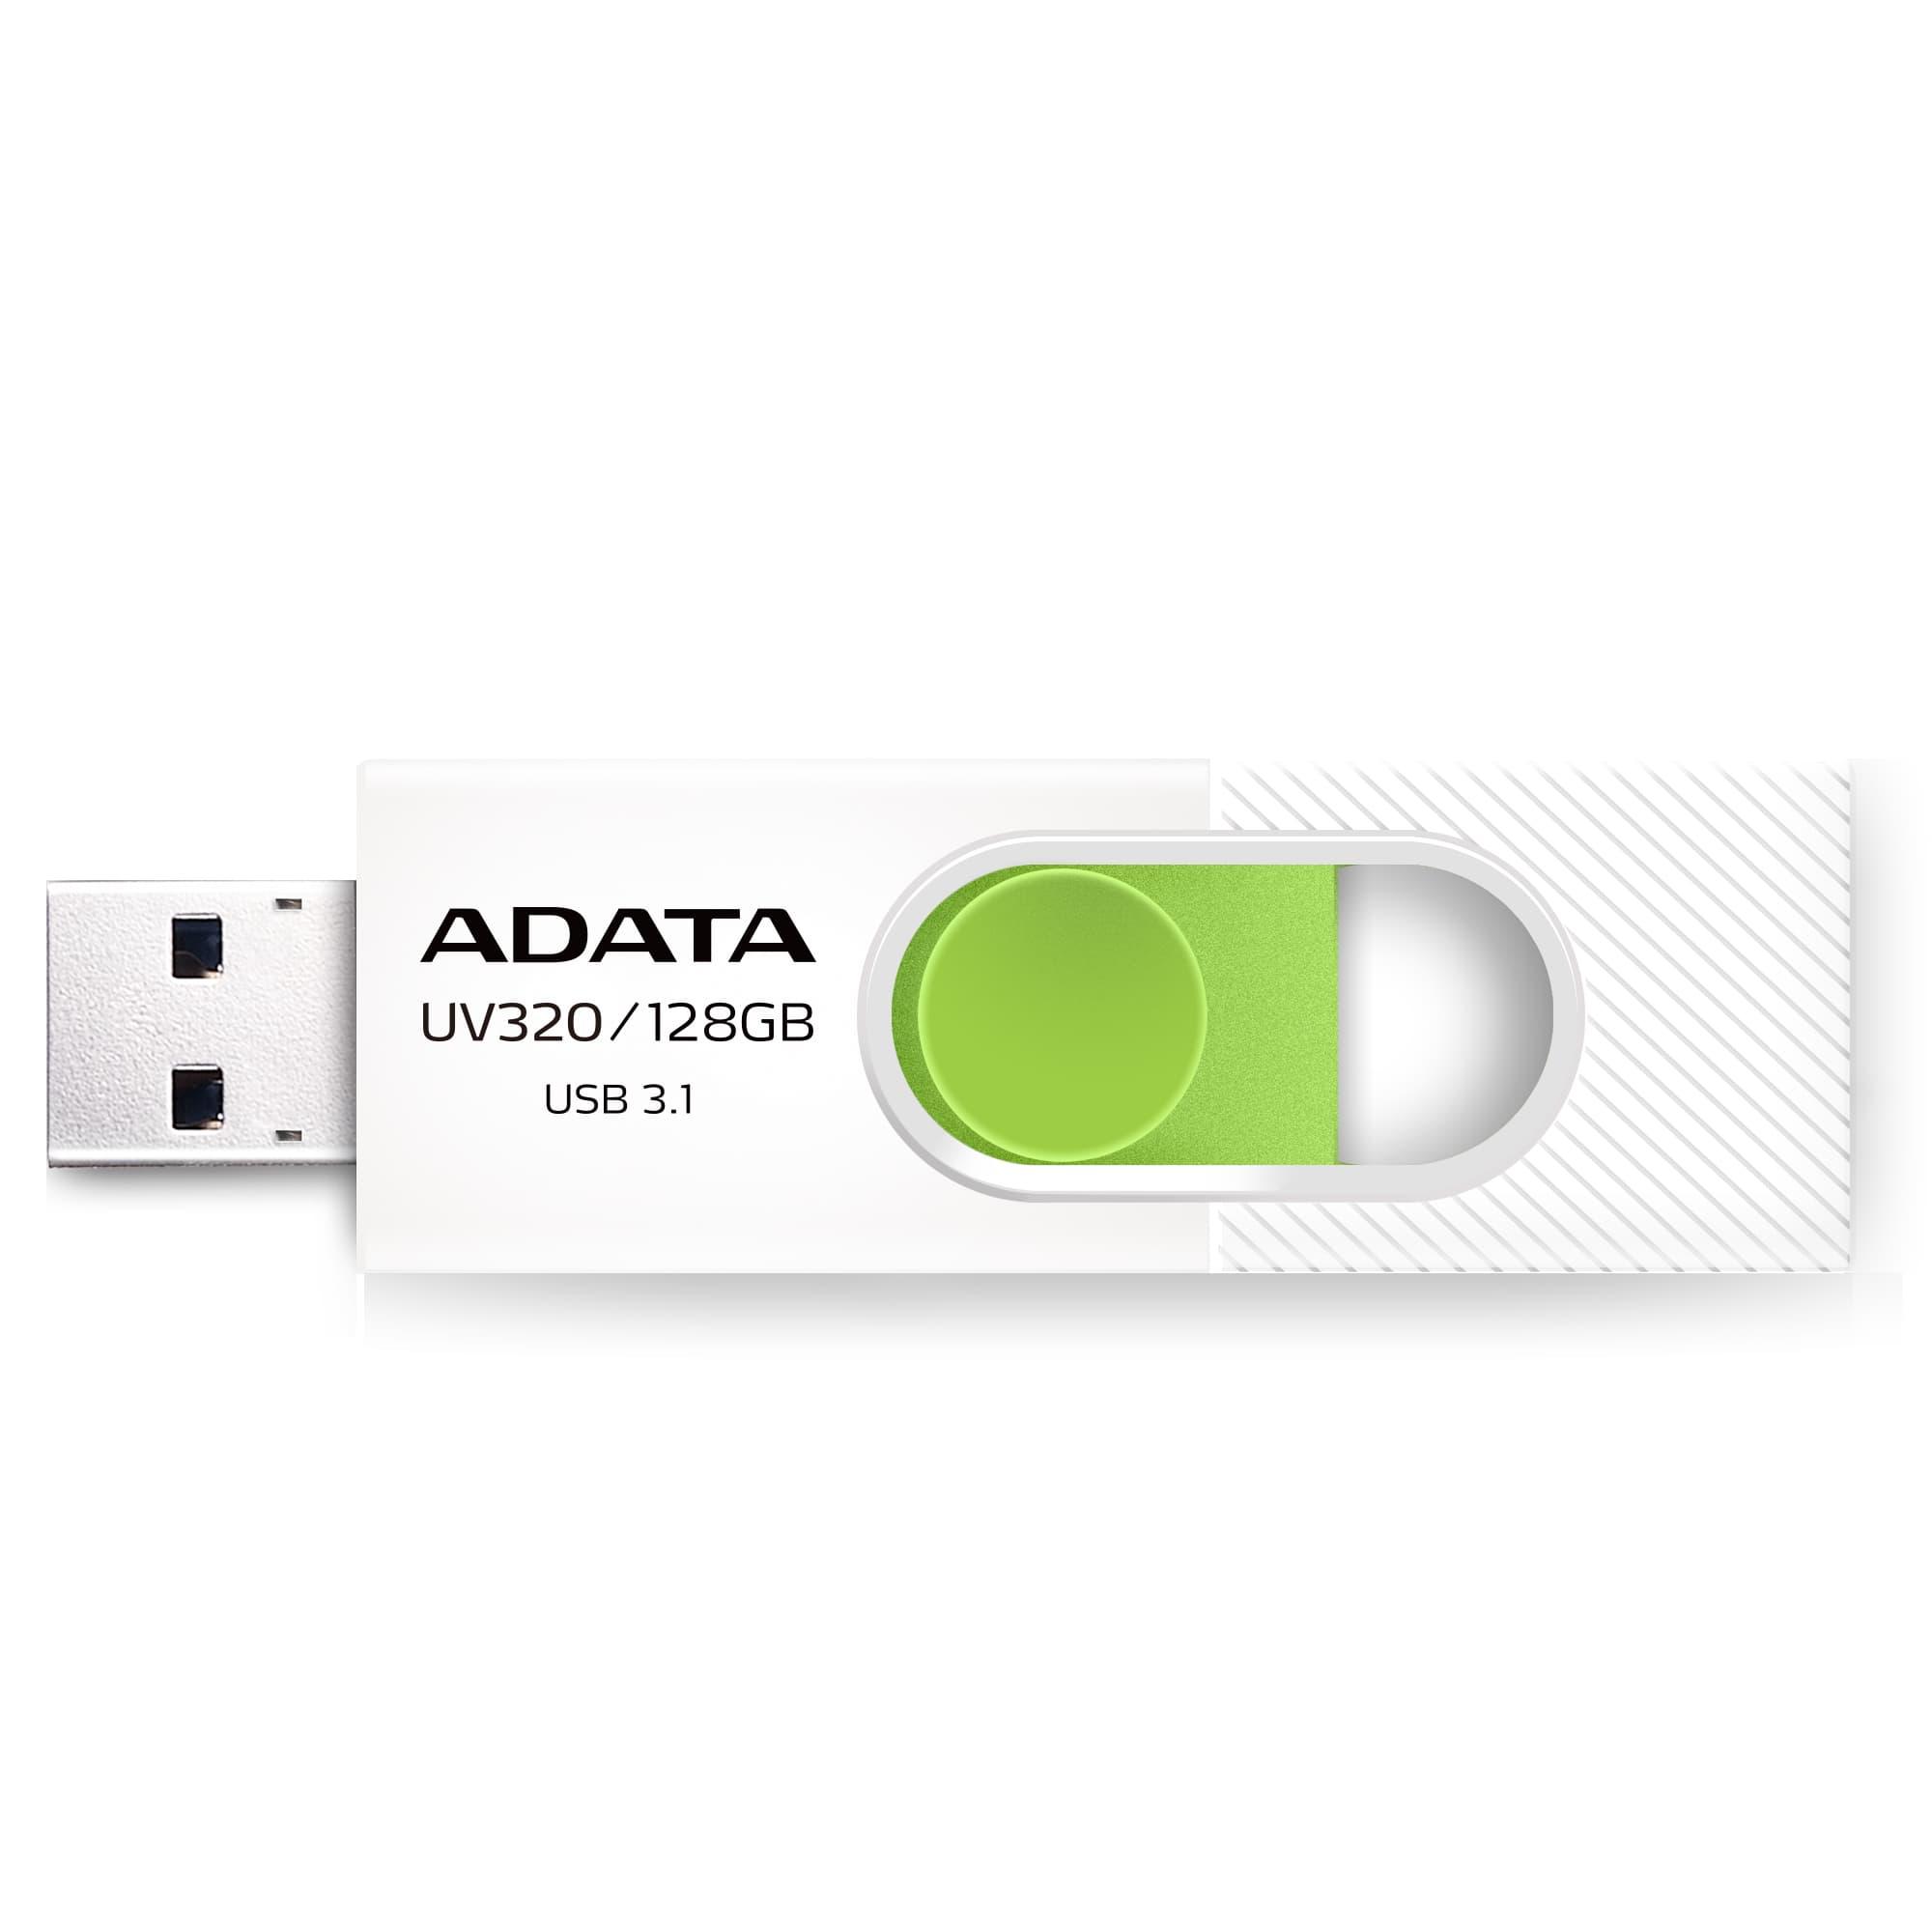 ADATA USB UV320 128GB white/green (USB 3.0) - AUV320-128G-RWHGN